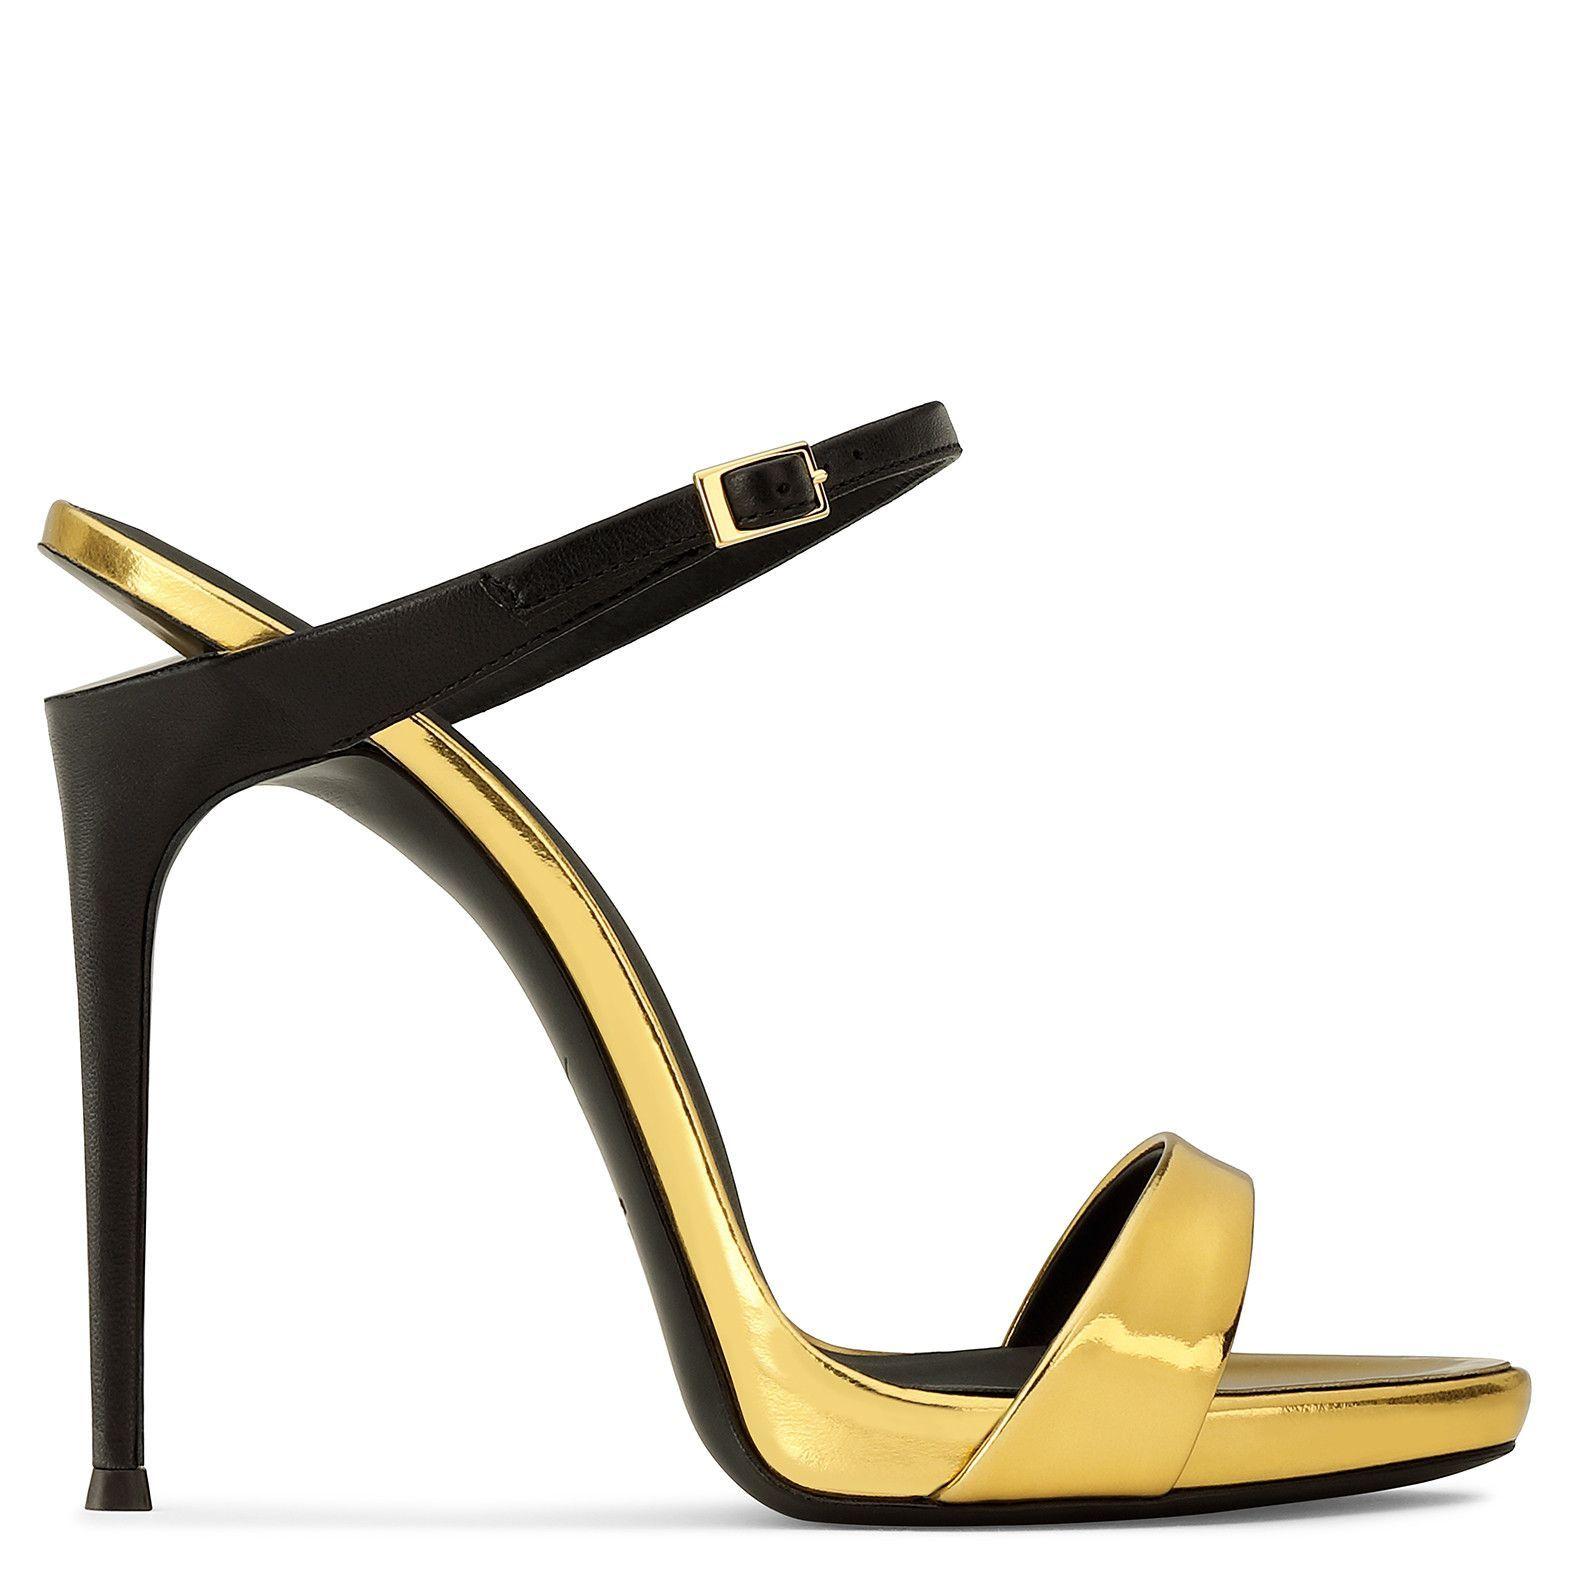 Giuseppe Zanotti Tania Giuseppezanotti Shoes Platform Sandals Heels Giuseppe Zanotti Shoes Giuseppe Zanotti Heels